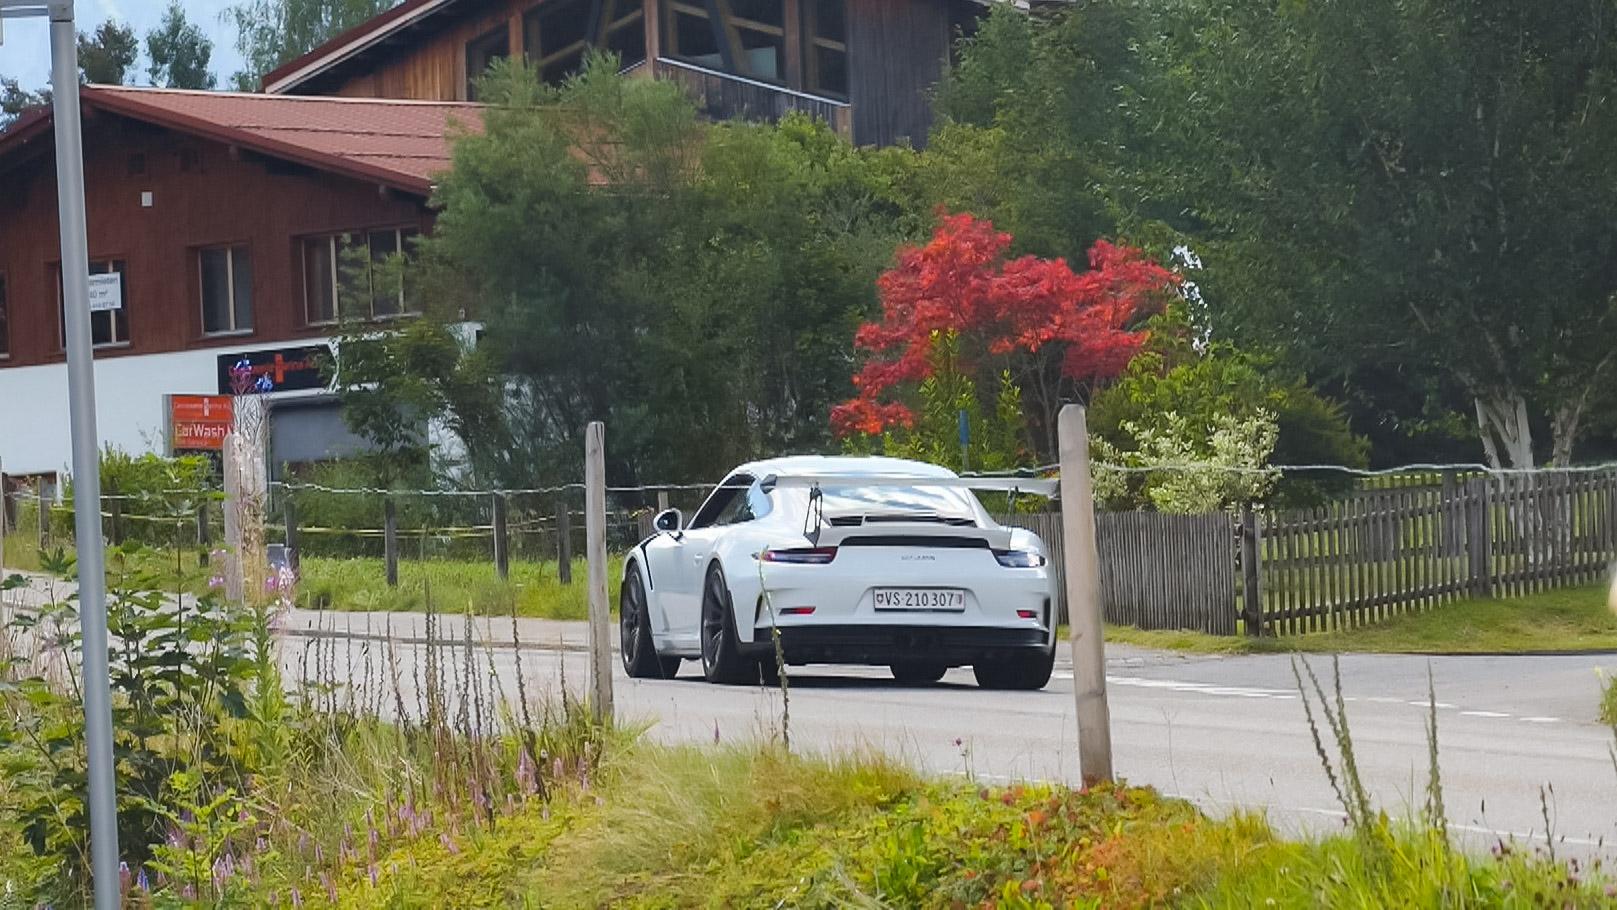 Porsche 911 GT3 RS - VS-210307 (CH)